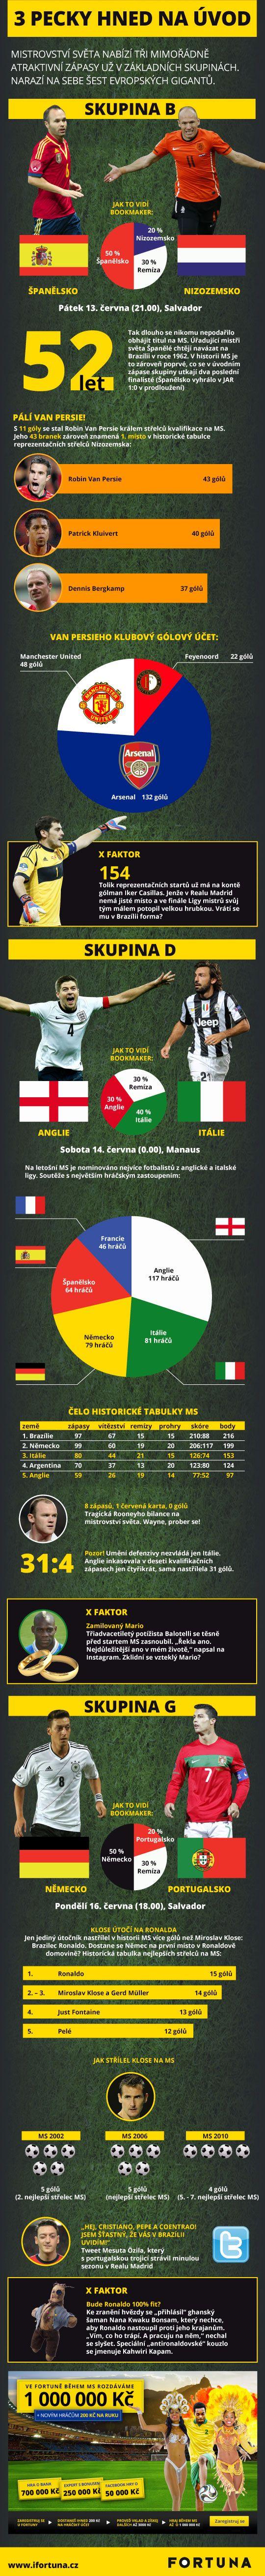 Infografika MS ve fotbale 2014 Tři lahůdkové zápasy hned na začátek